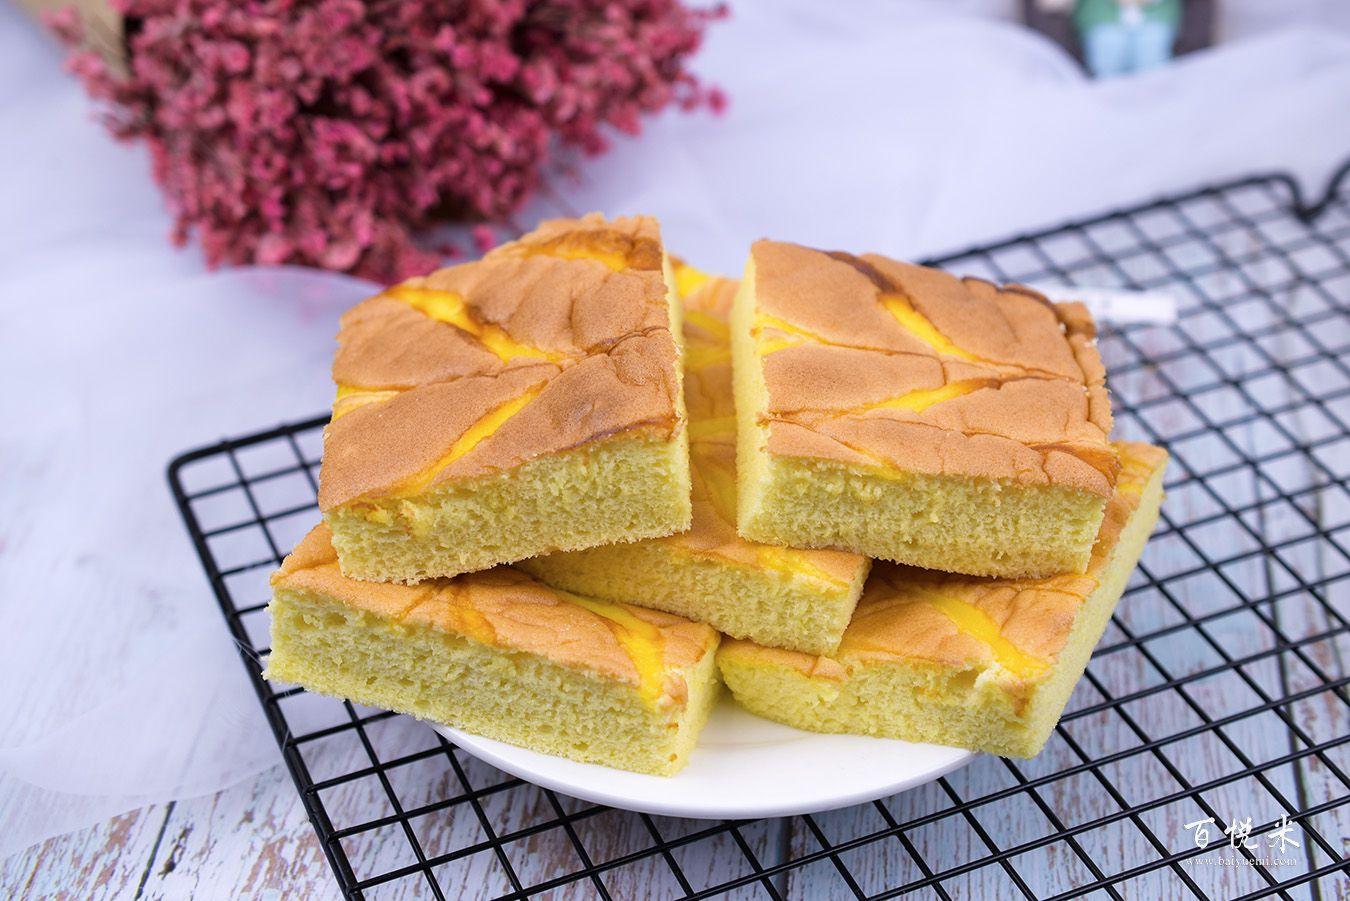 酸奶戚风蛋糕高清图片大全【蛋糕图片】_1372